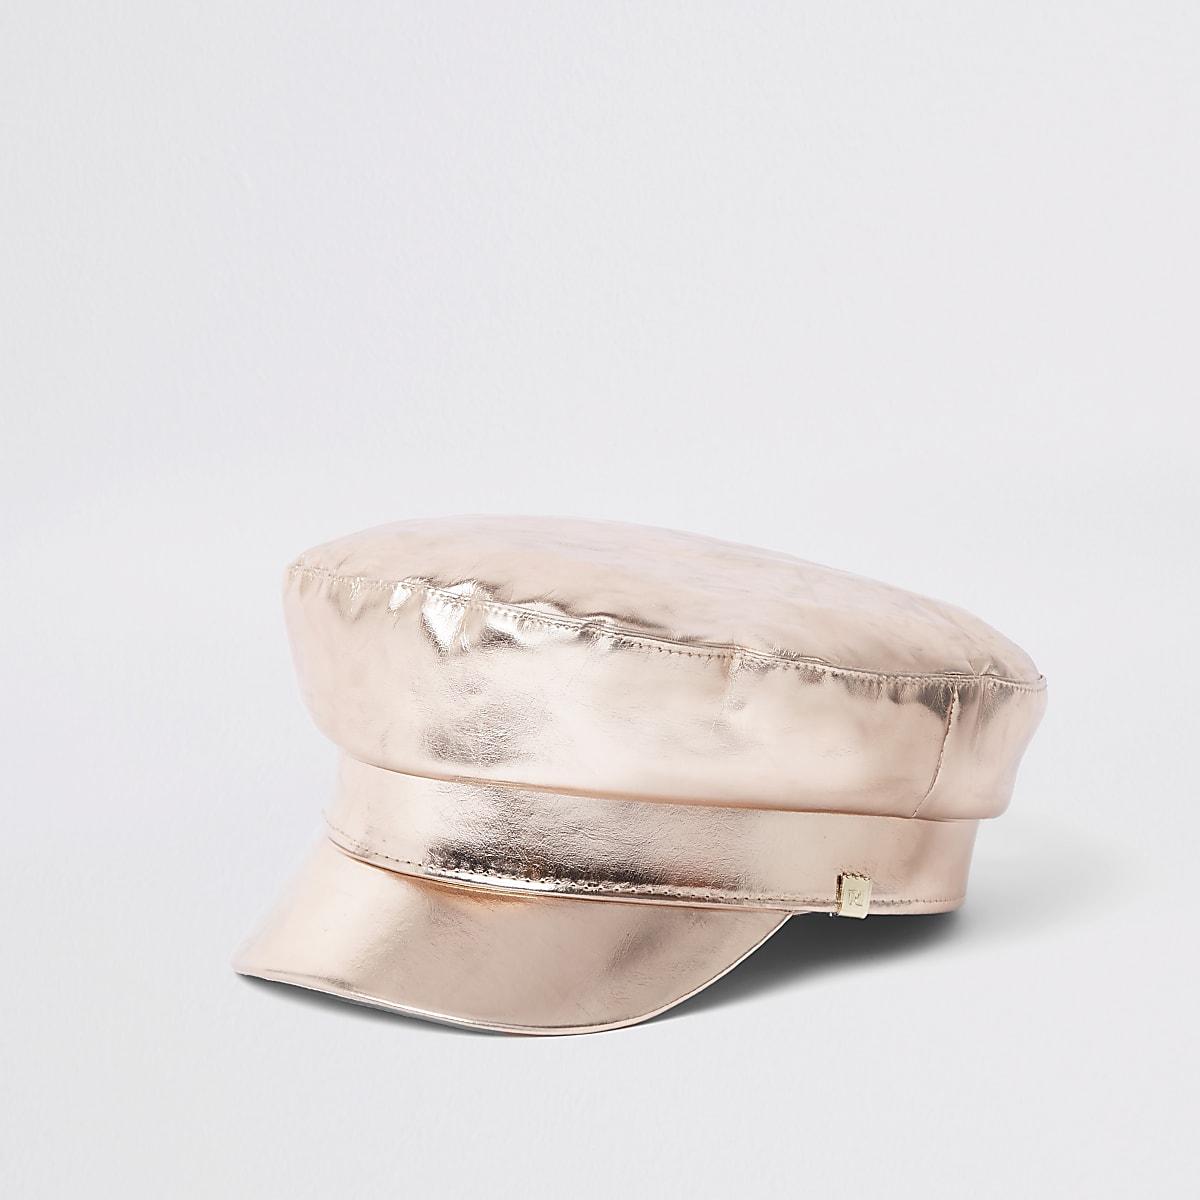 Rose gold metallic baker hat